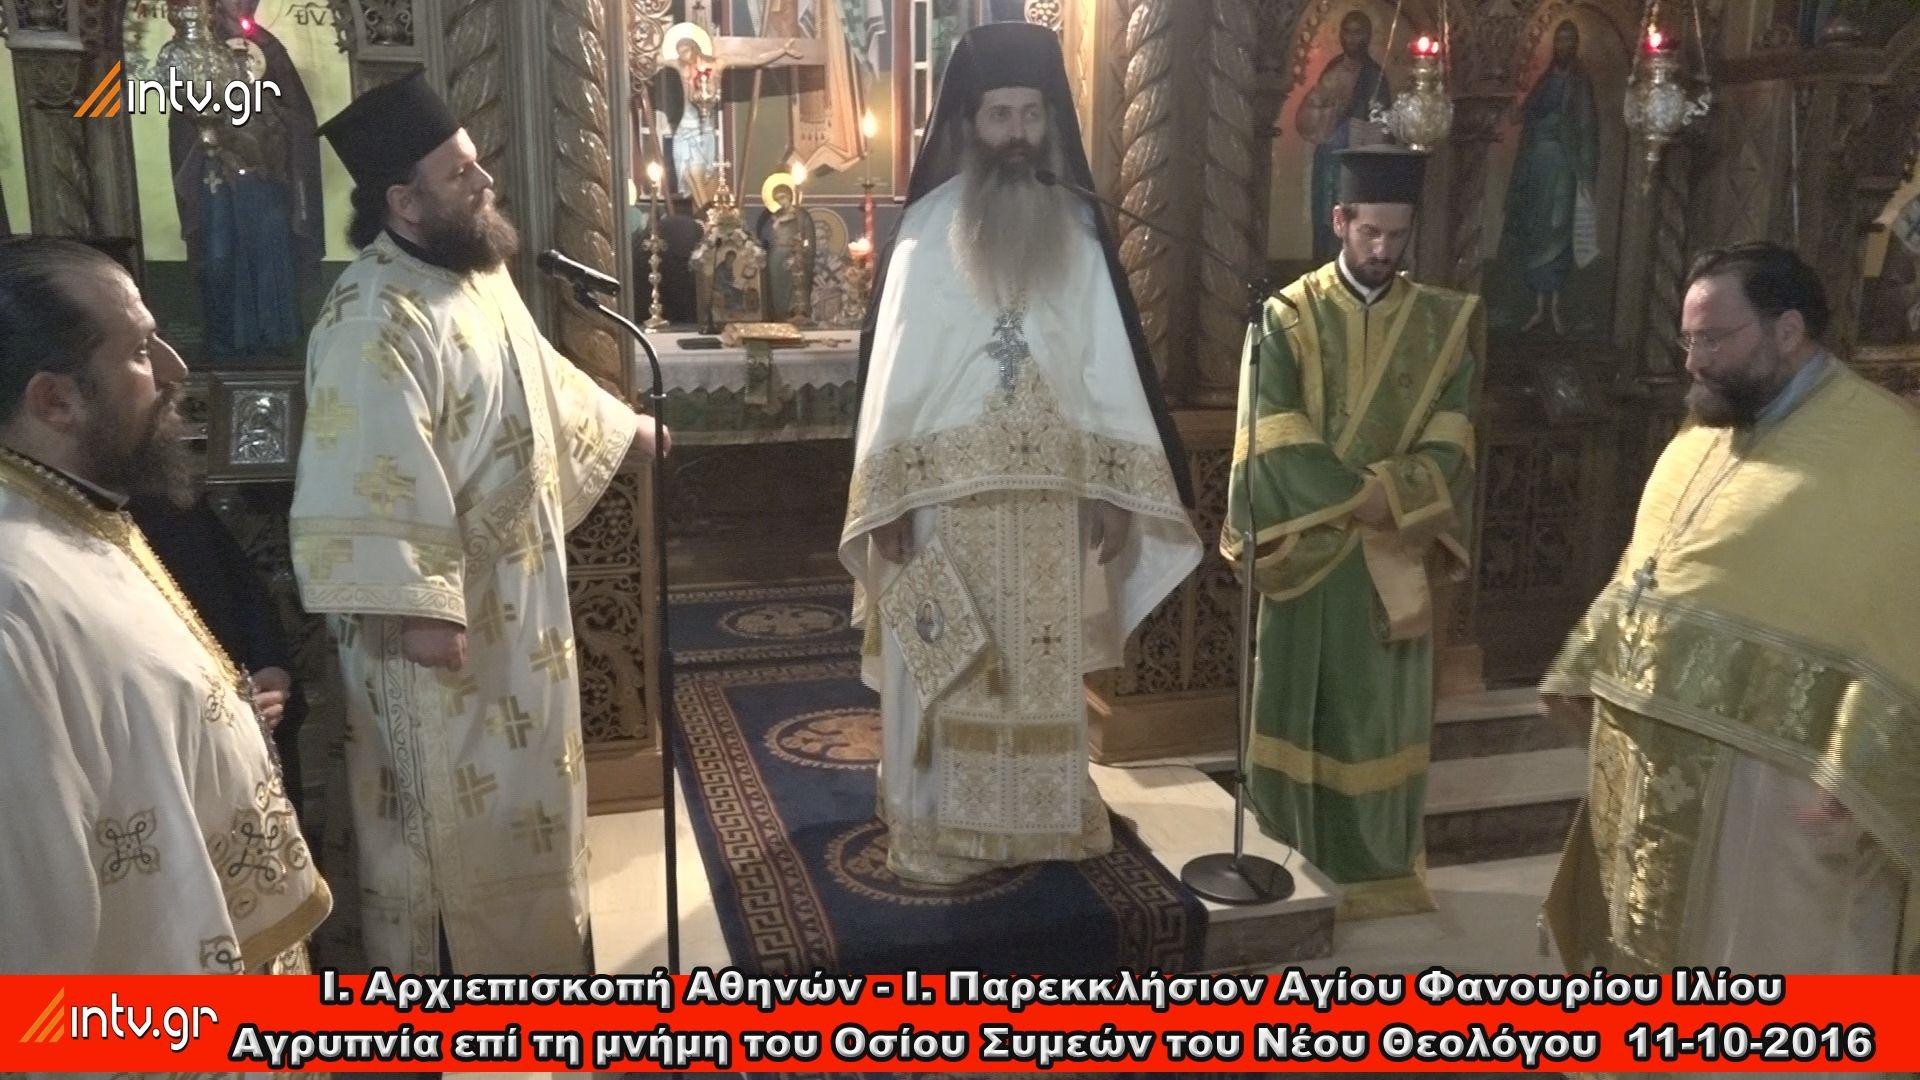 Ι. Αρχιεπισκοπή Αθηνών - Ι. Παρεκκλήσιον Αγίου Φανουρίου Ιλίου - Αγρυπνία επί τη μνήμη του Οσίου Συμεών του Νέου Θεολόγου